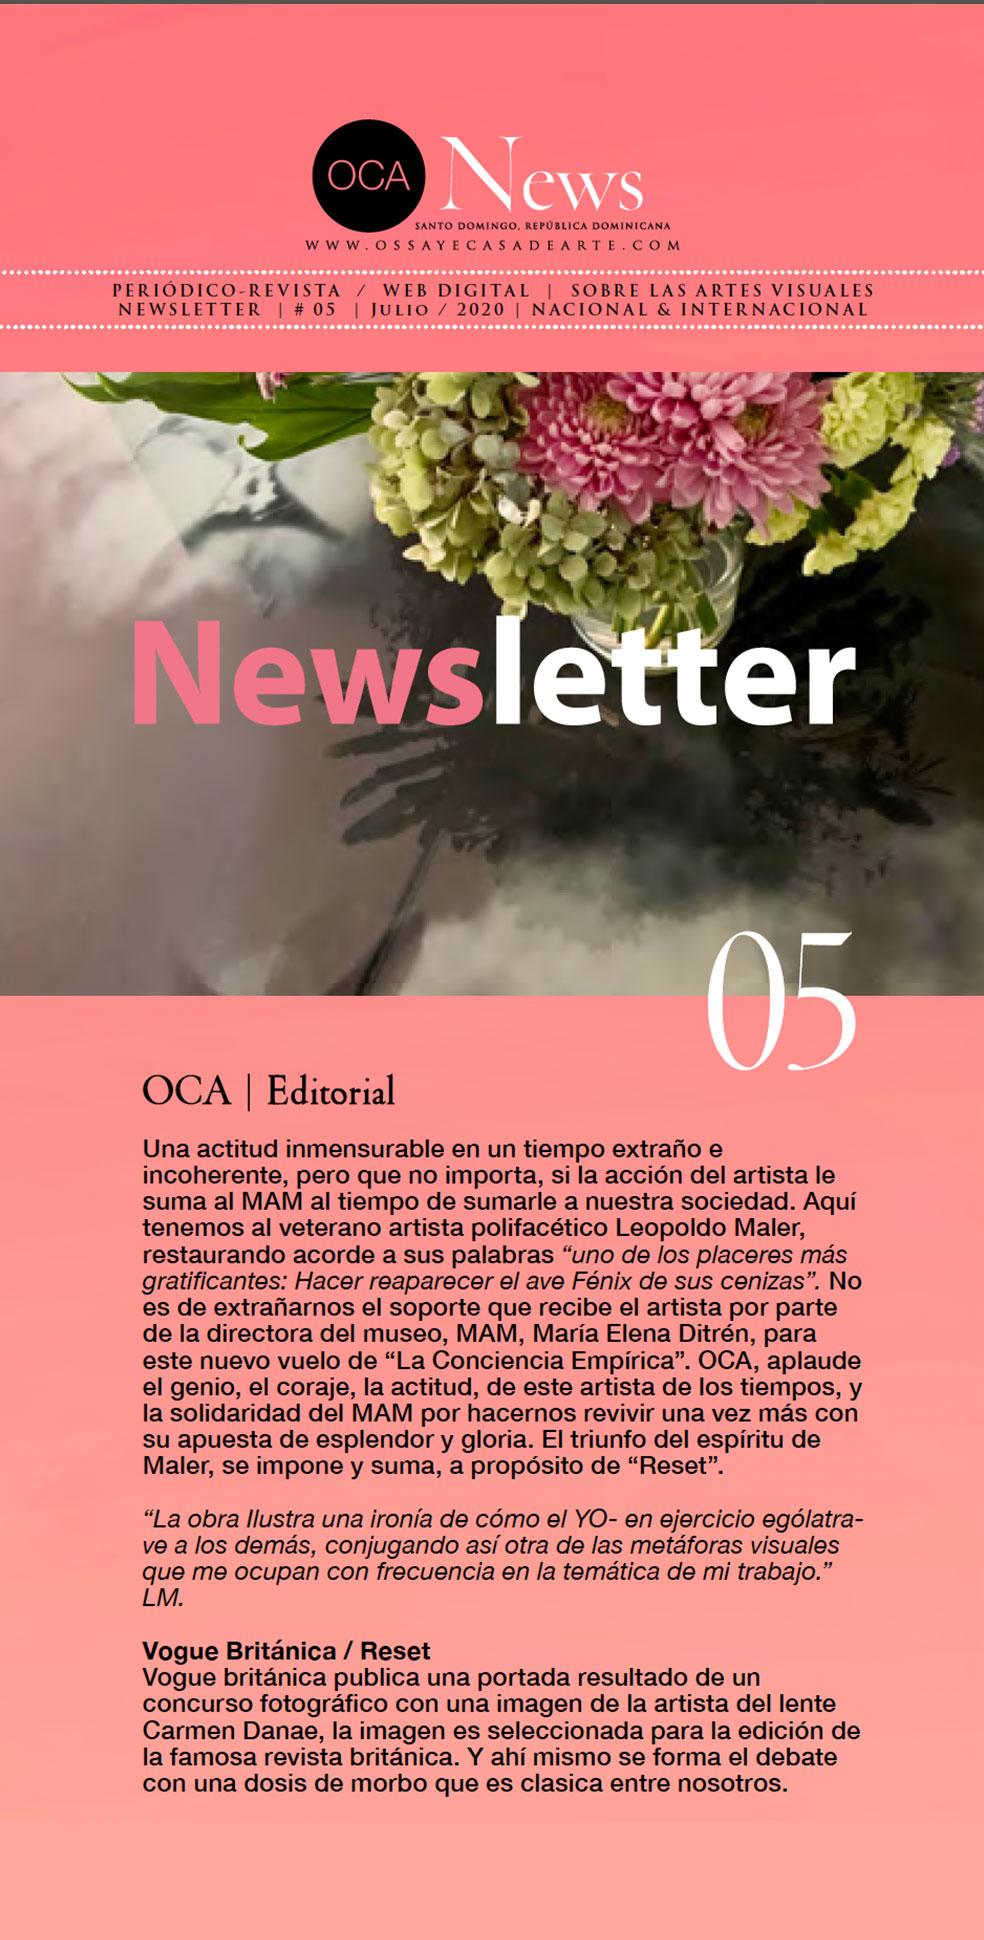 OCA|Newsletter 05 / Agosto, 2020